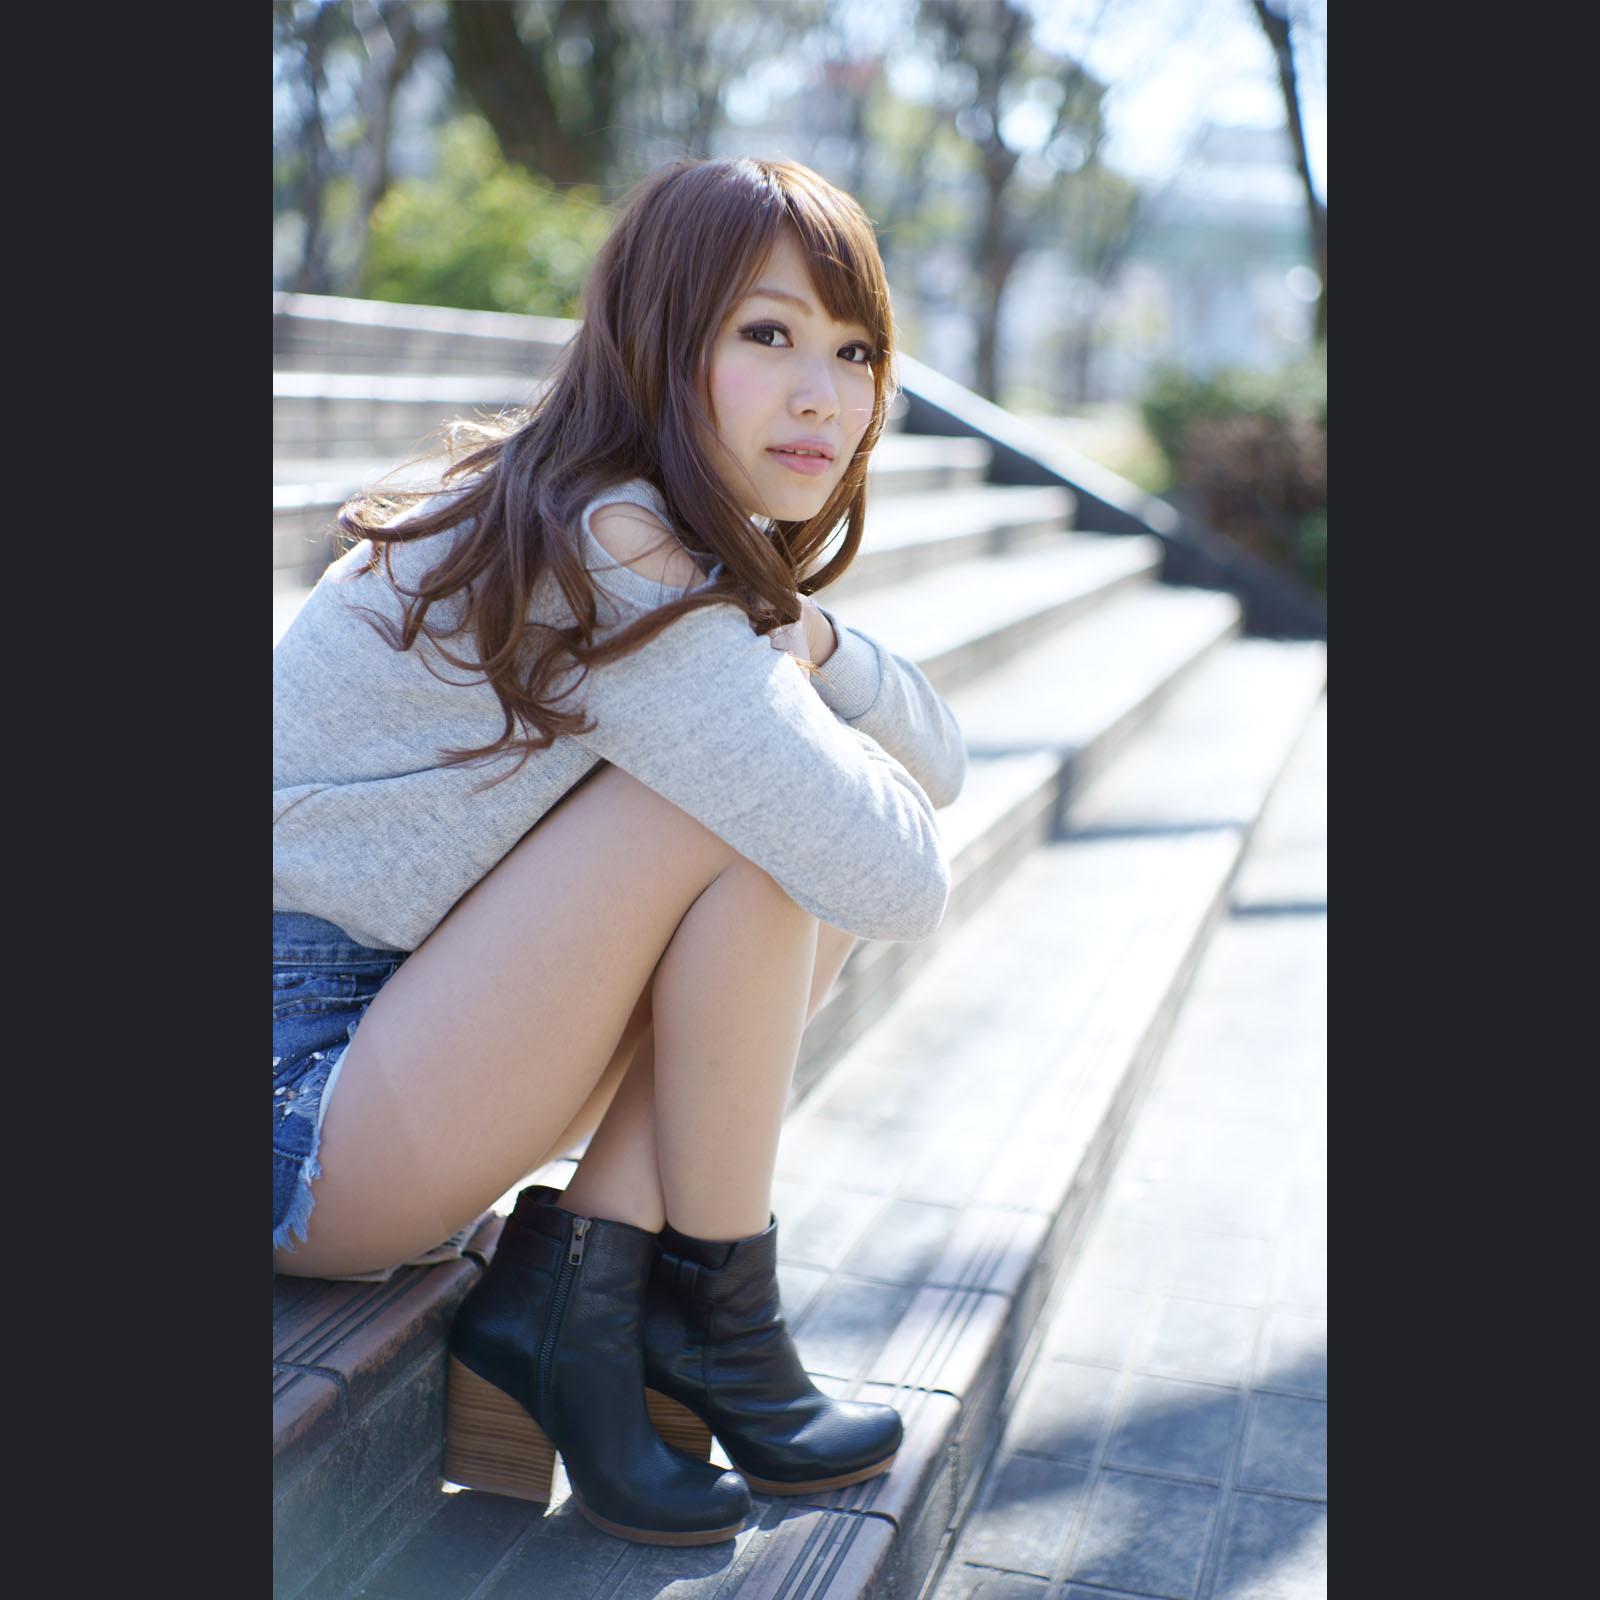 f0269385_14513332.jpg